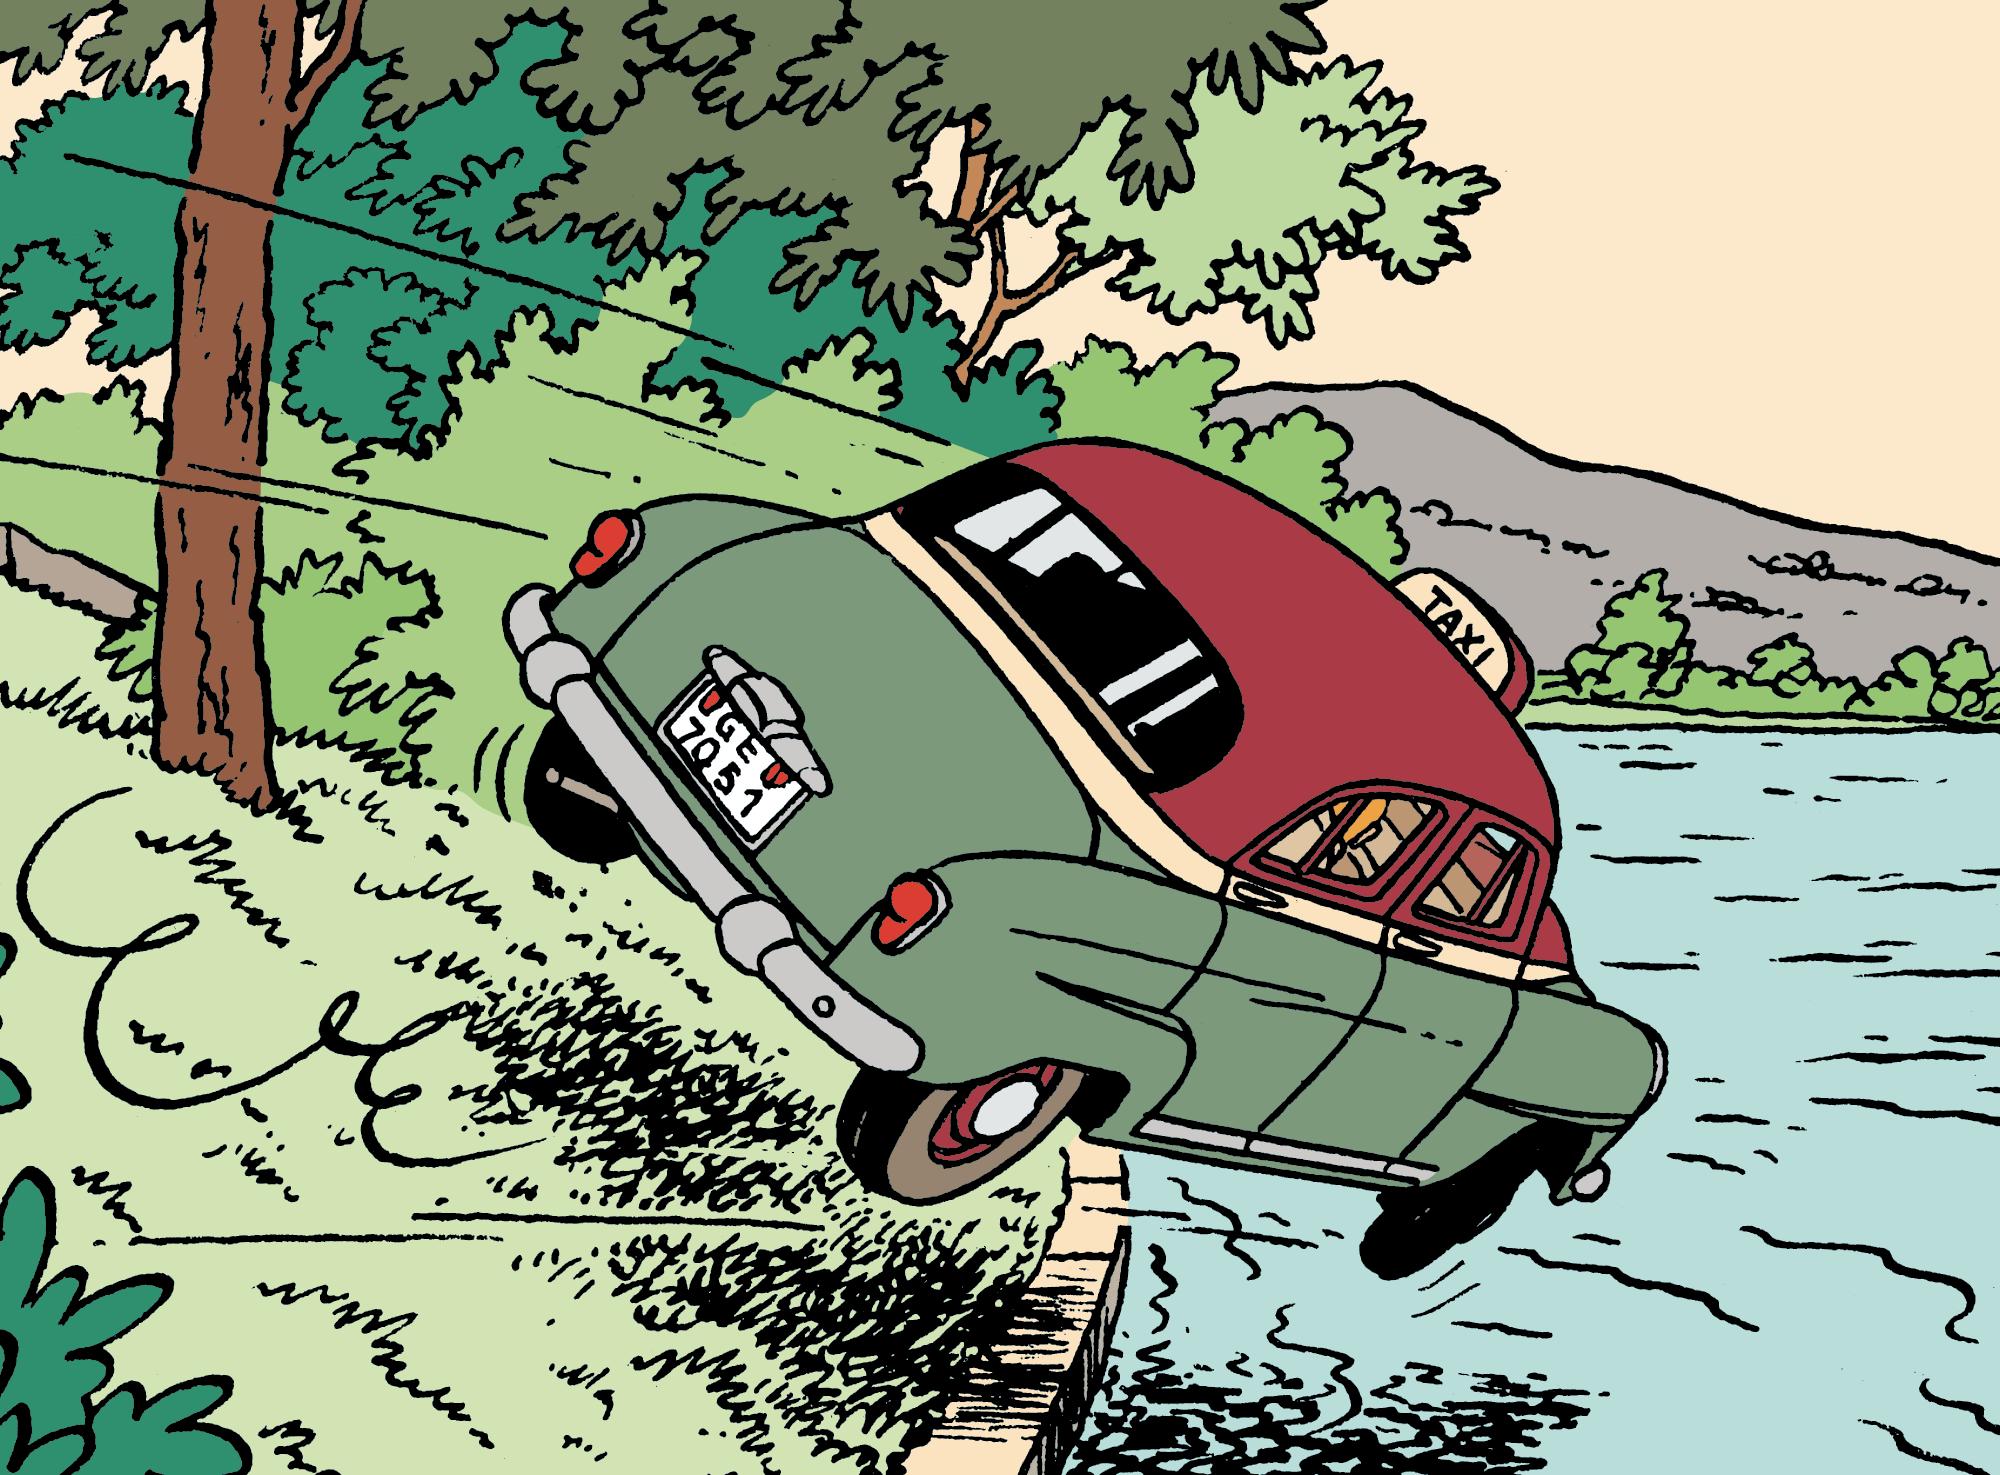 Le taxi dans l'eau dans L'Affaire Tournesol